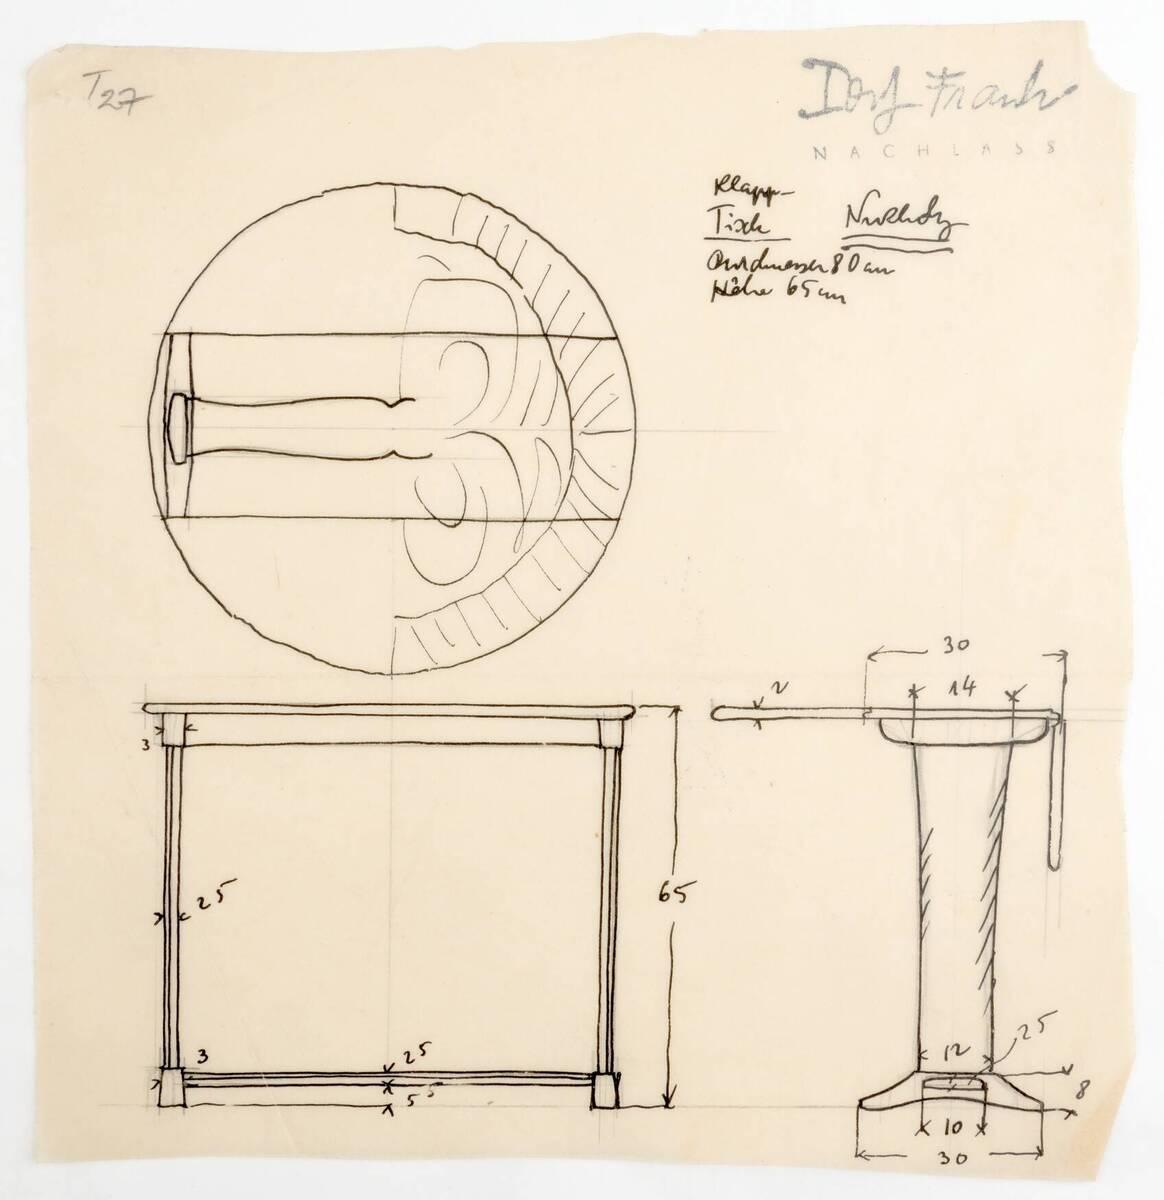 Planzeichnung für einen Klapptisch aus Nußholz mit einem massiven Tischbein (T27) (vom Bearbeiter vergebener Titel) von Frank, Josef